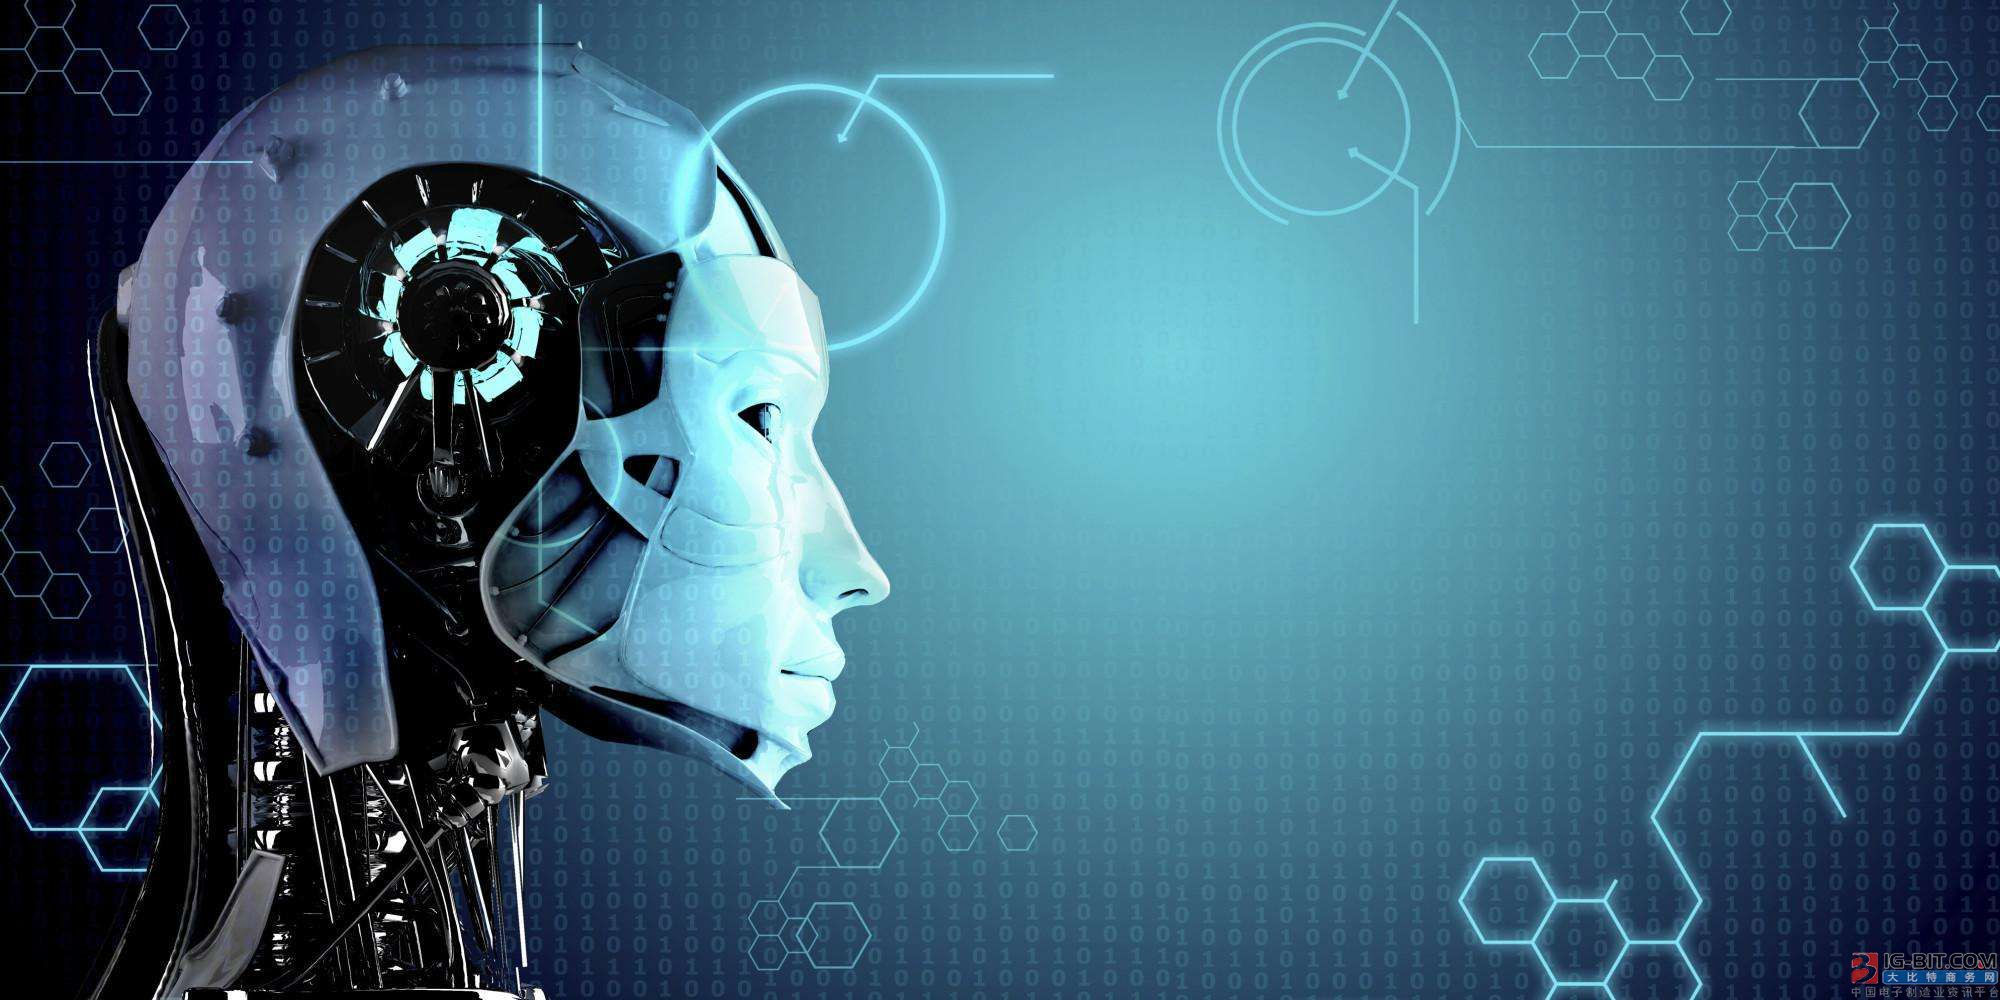 上海向海内外首次征集人工智能澳门永利网上娱乐场景解决方案